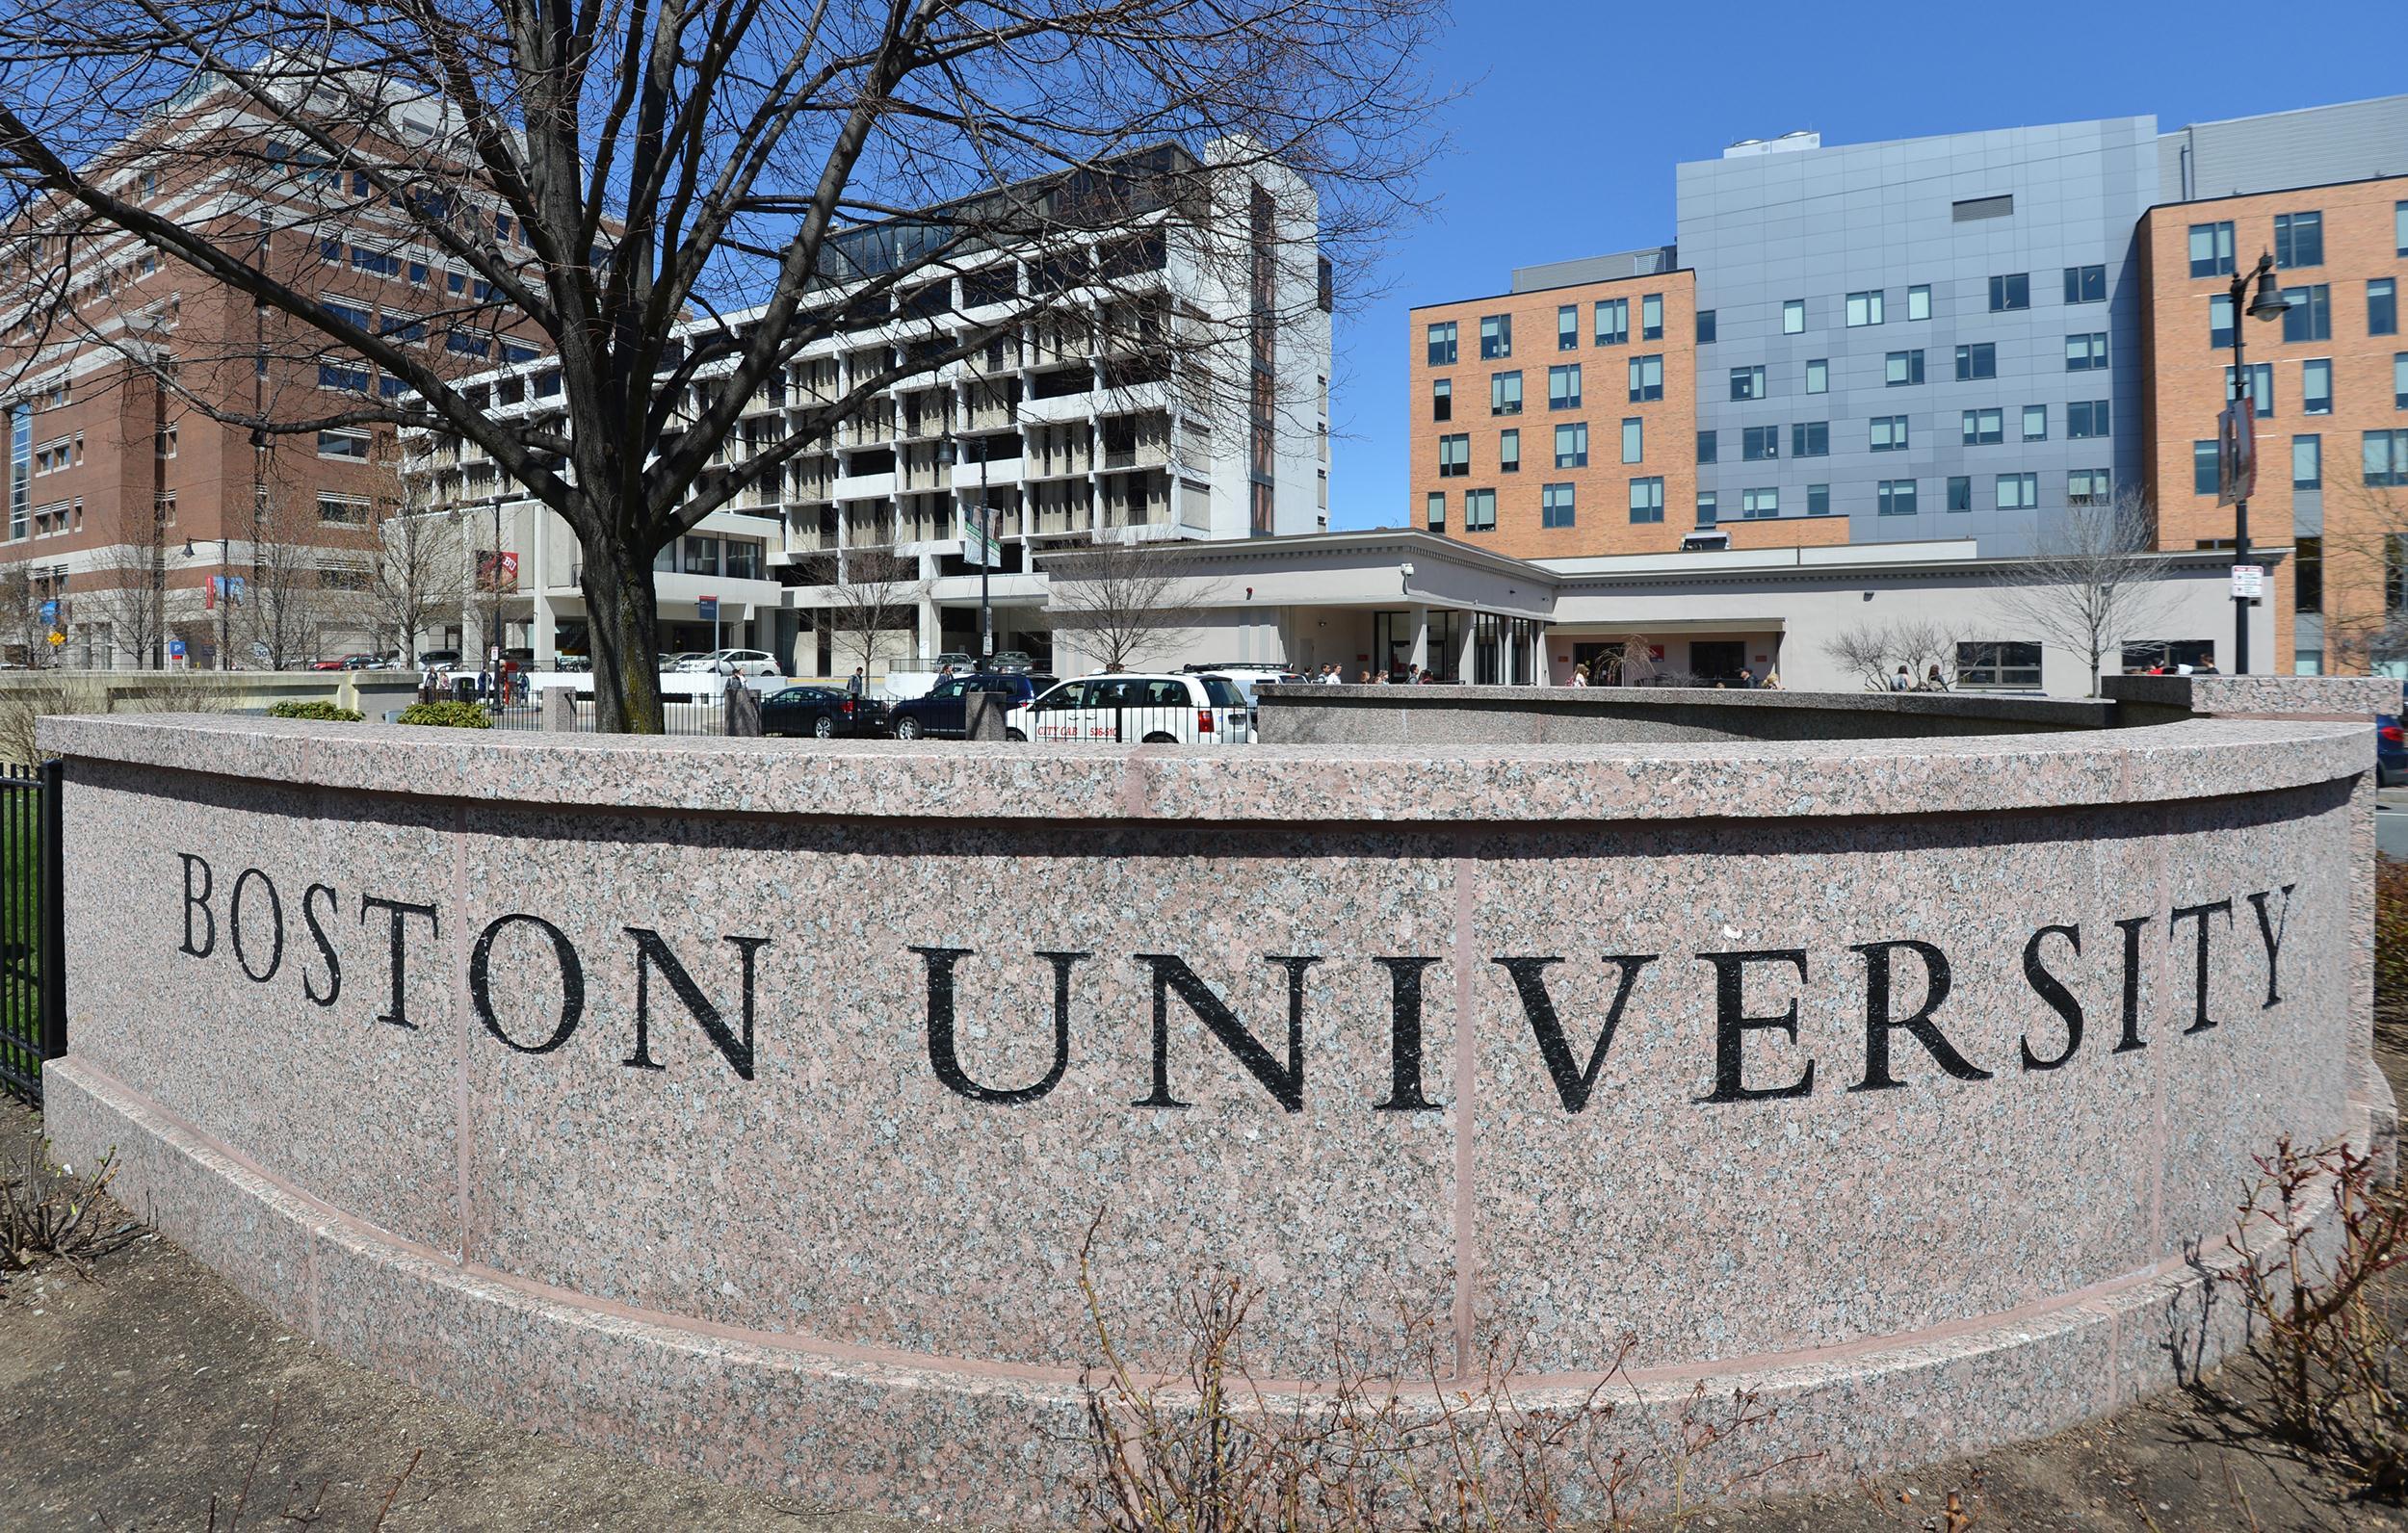 Boston University01_09_15_094732_bu1.jpg